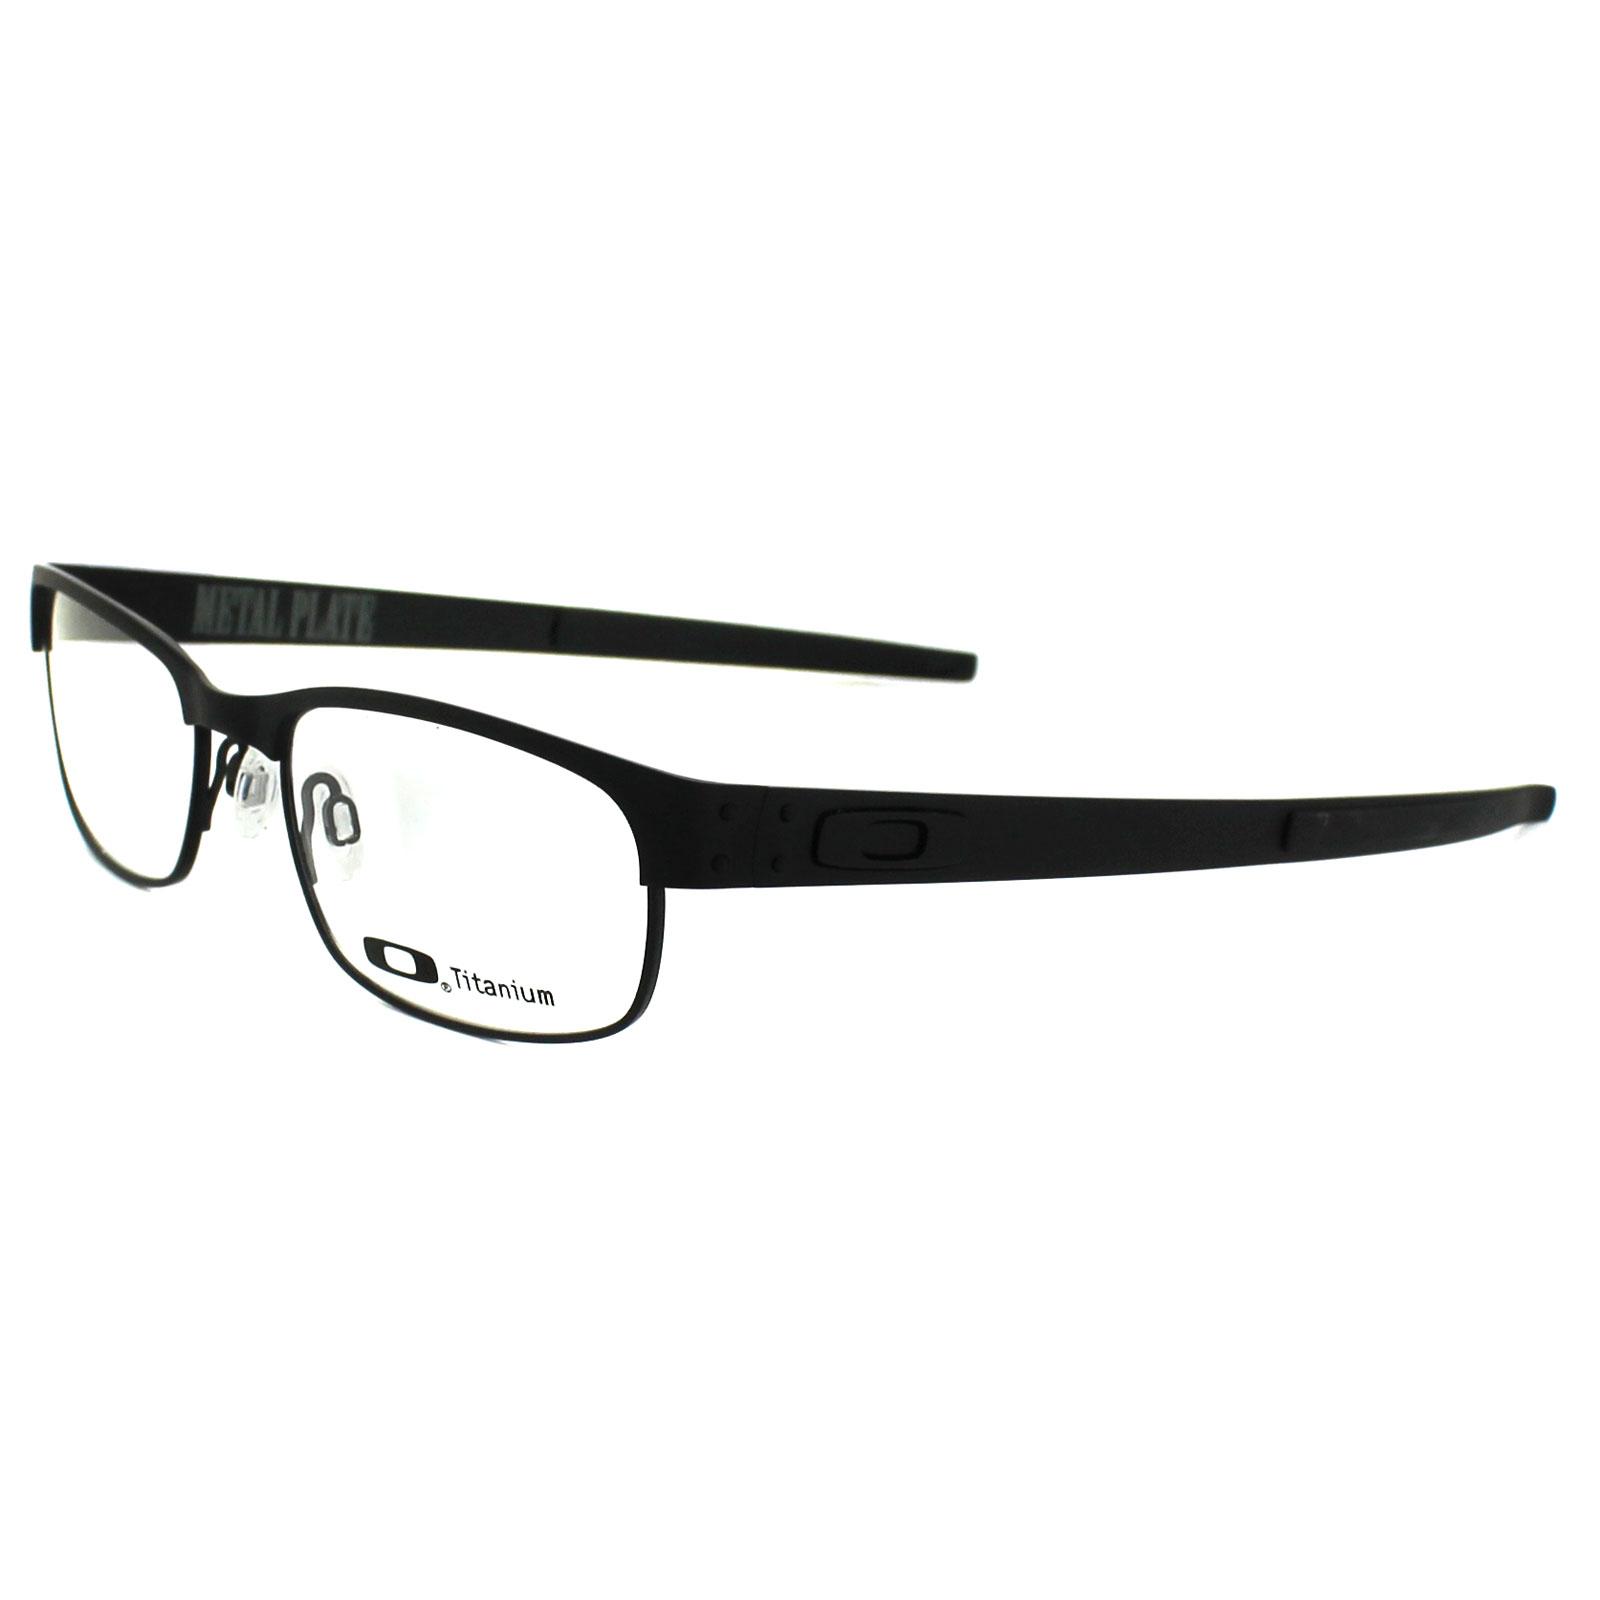 oakley frames say china